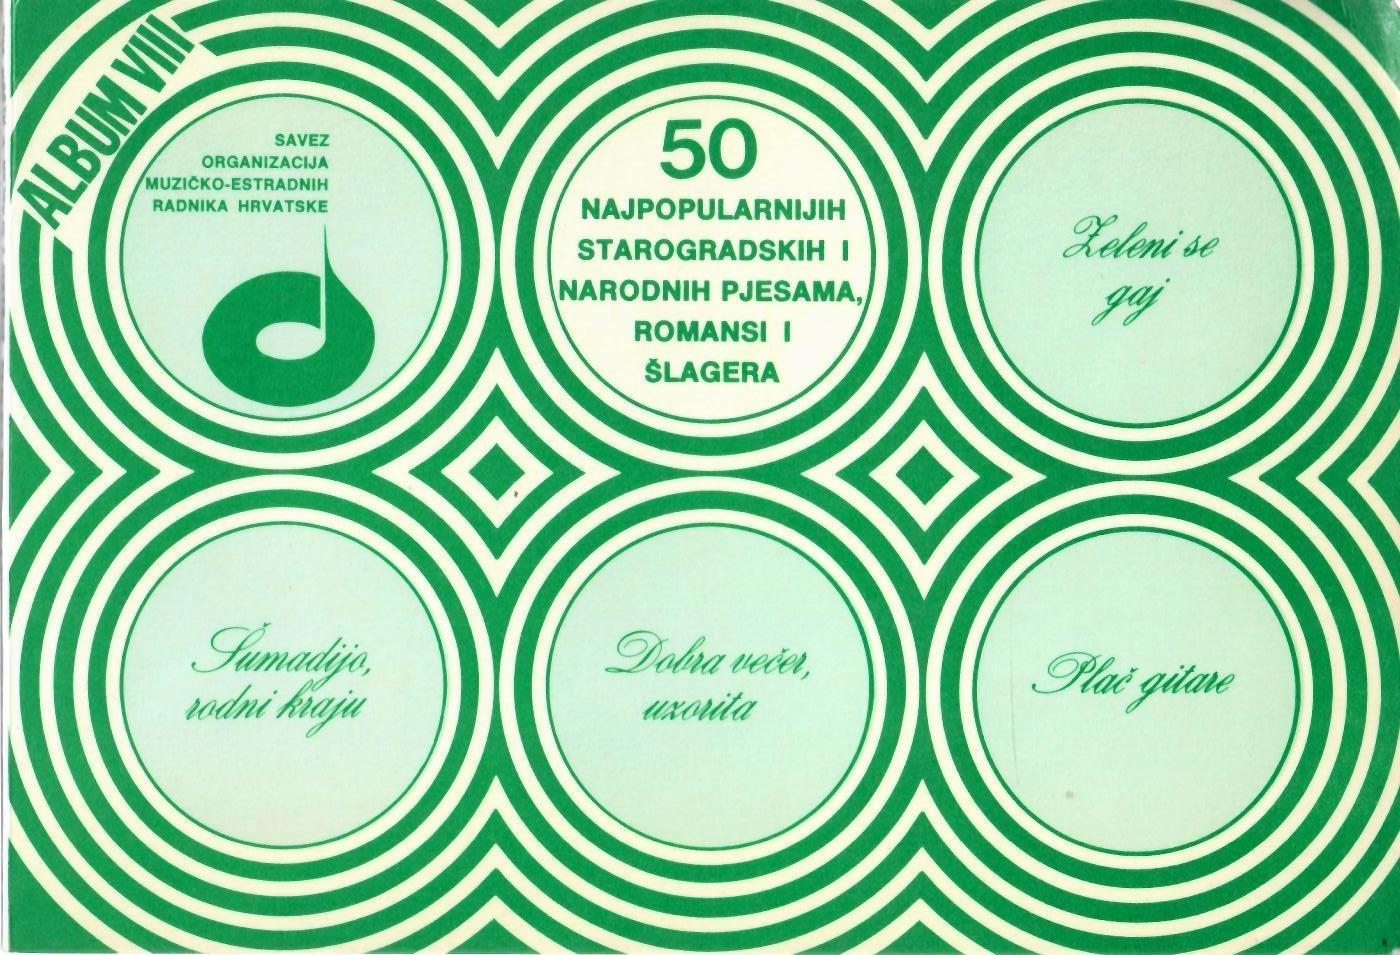 50 najpopularnijih starogradskih i narodnih pjesama, romansi i šlagera (album VIII) Krešimir Filipčić